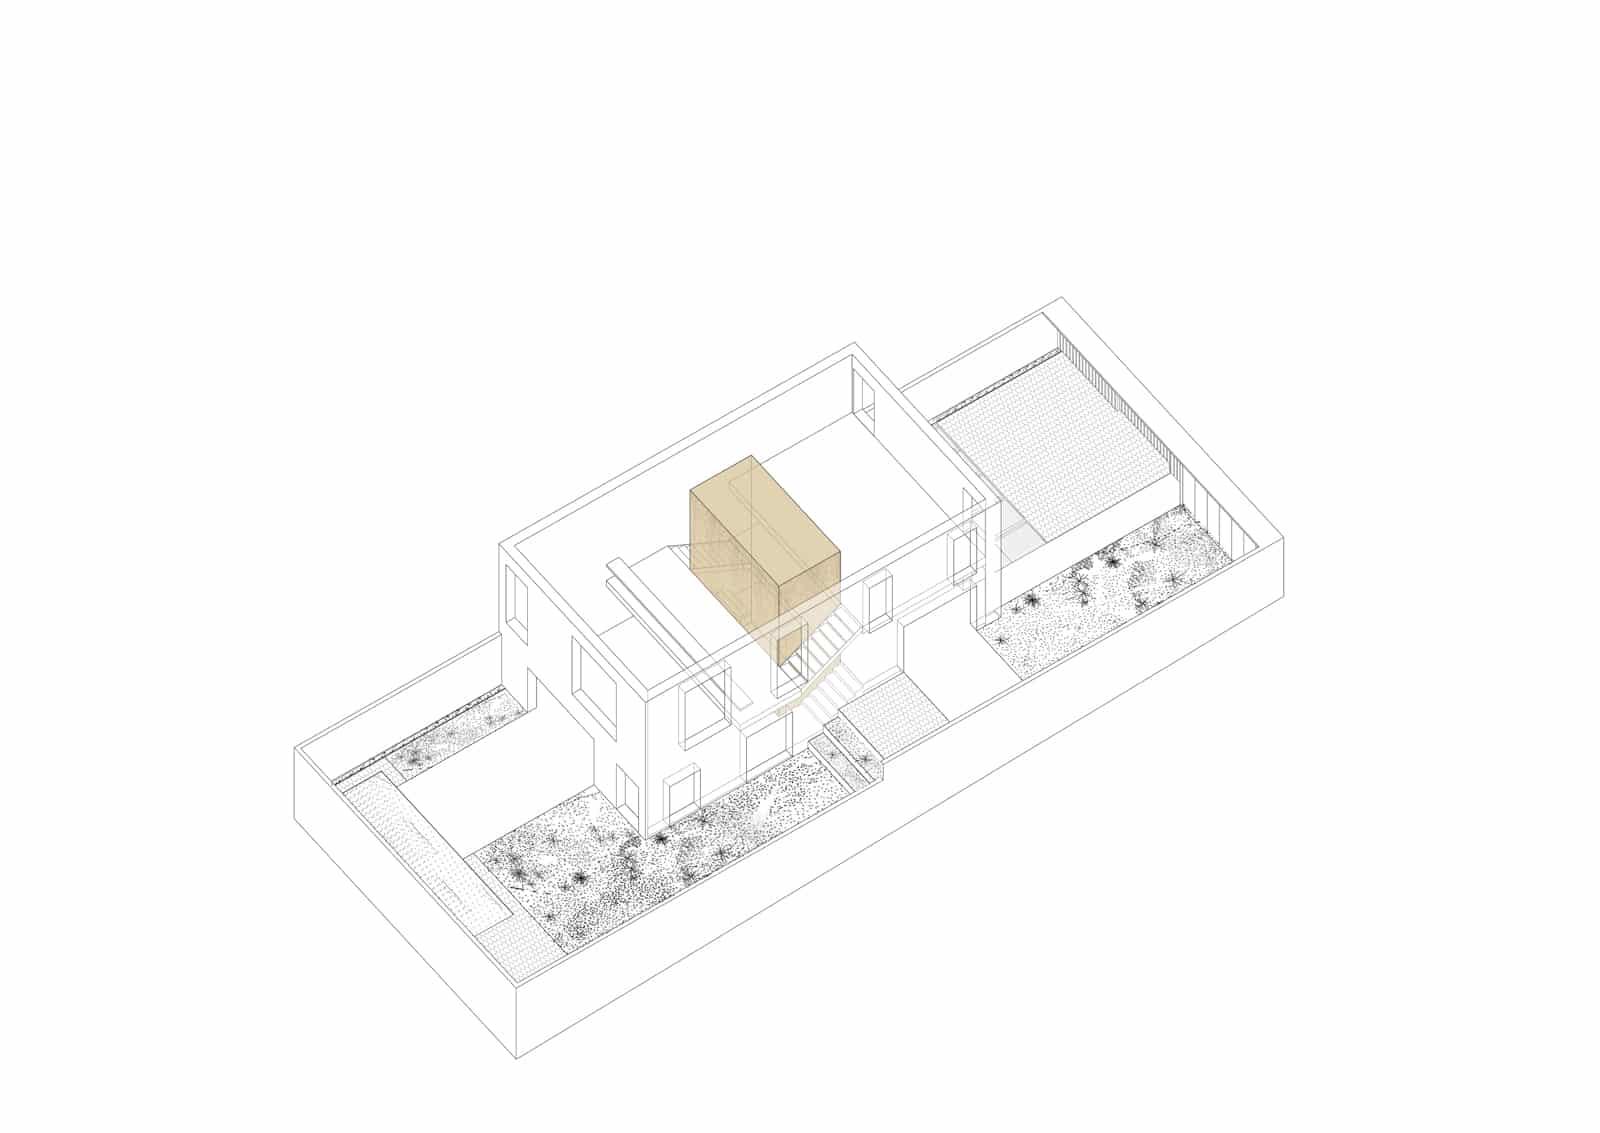 Woodcase House  - 20210907 AyllonParadelaDeAndres Woodcase 11.2 54